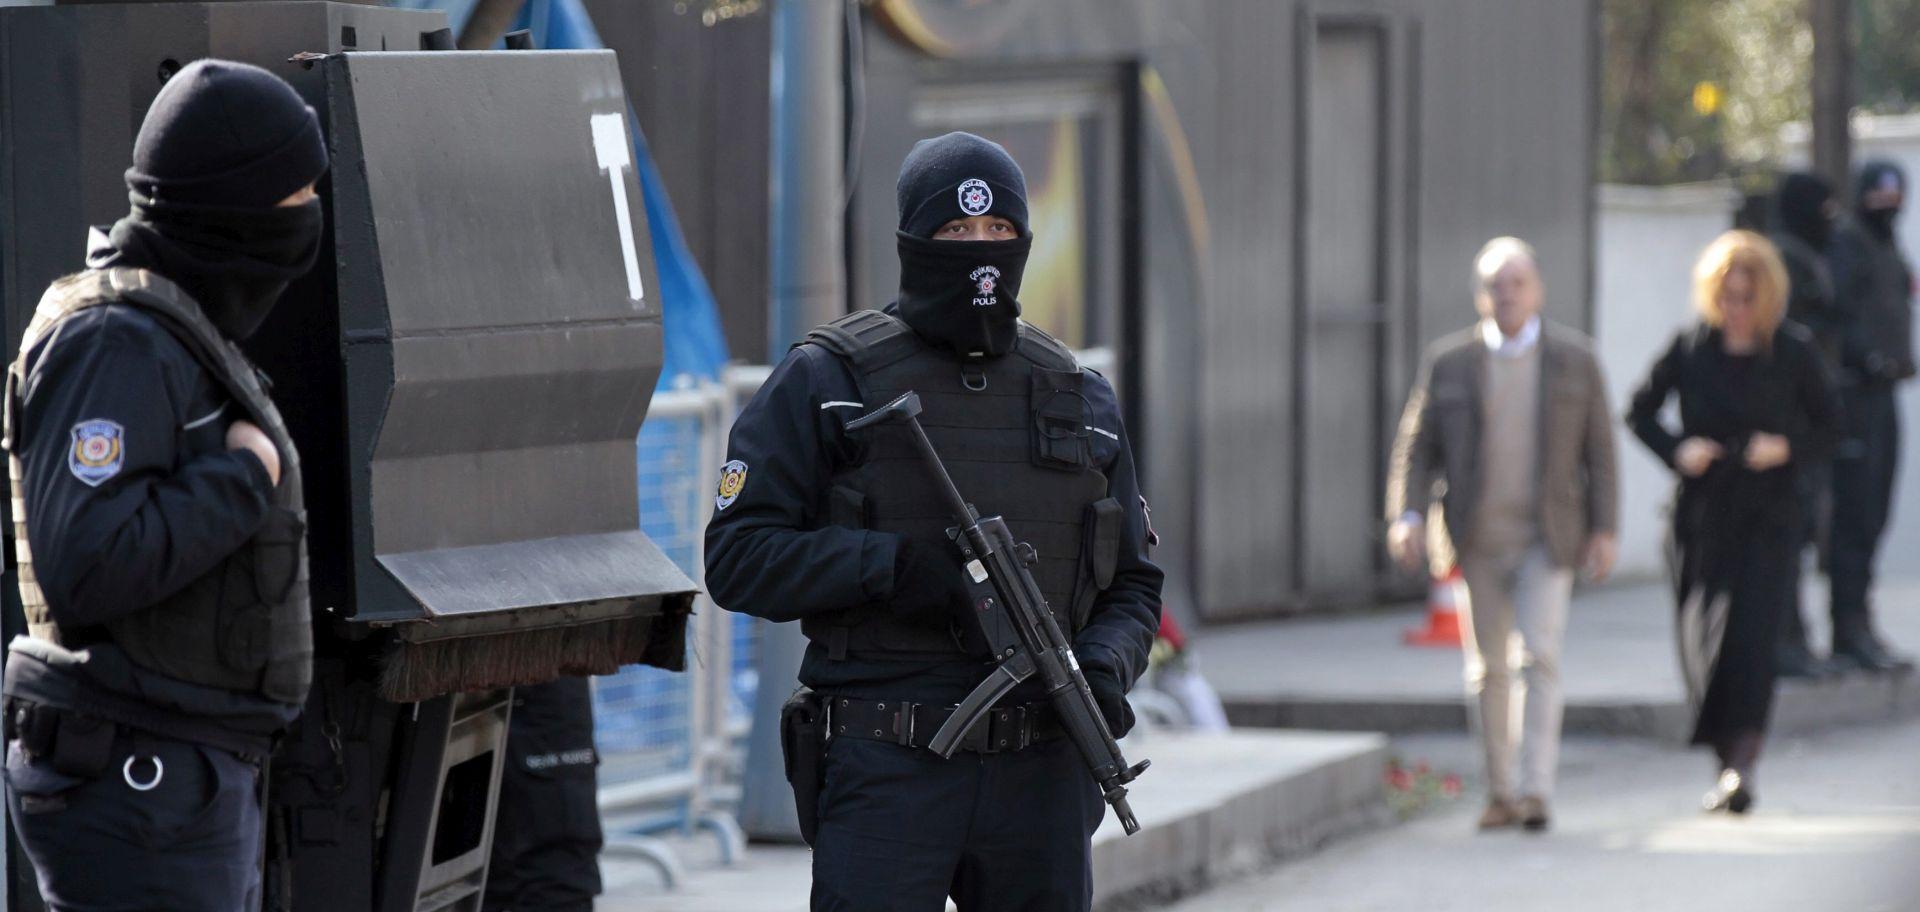 Turska uhitila oko 400 ljudi zbog sumnje u povezanost s Islamskom državom